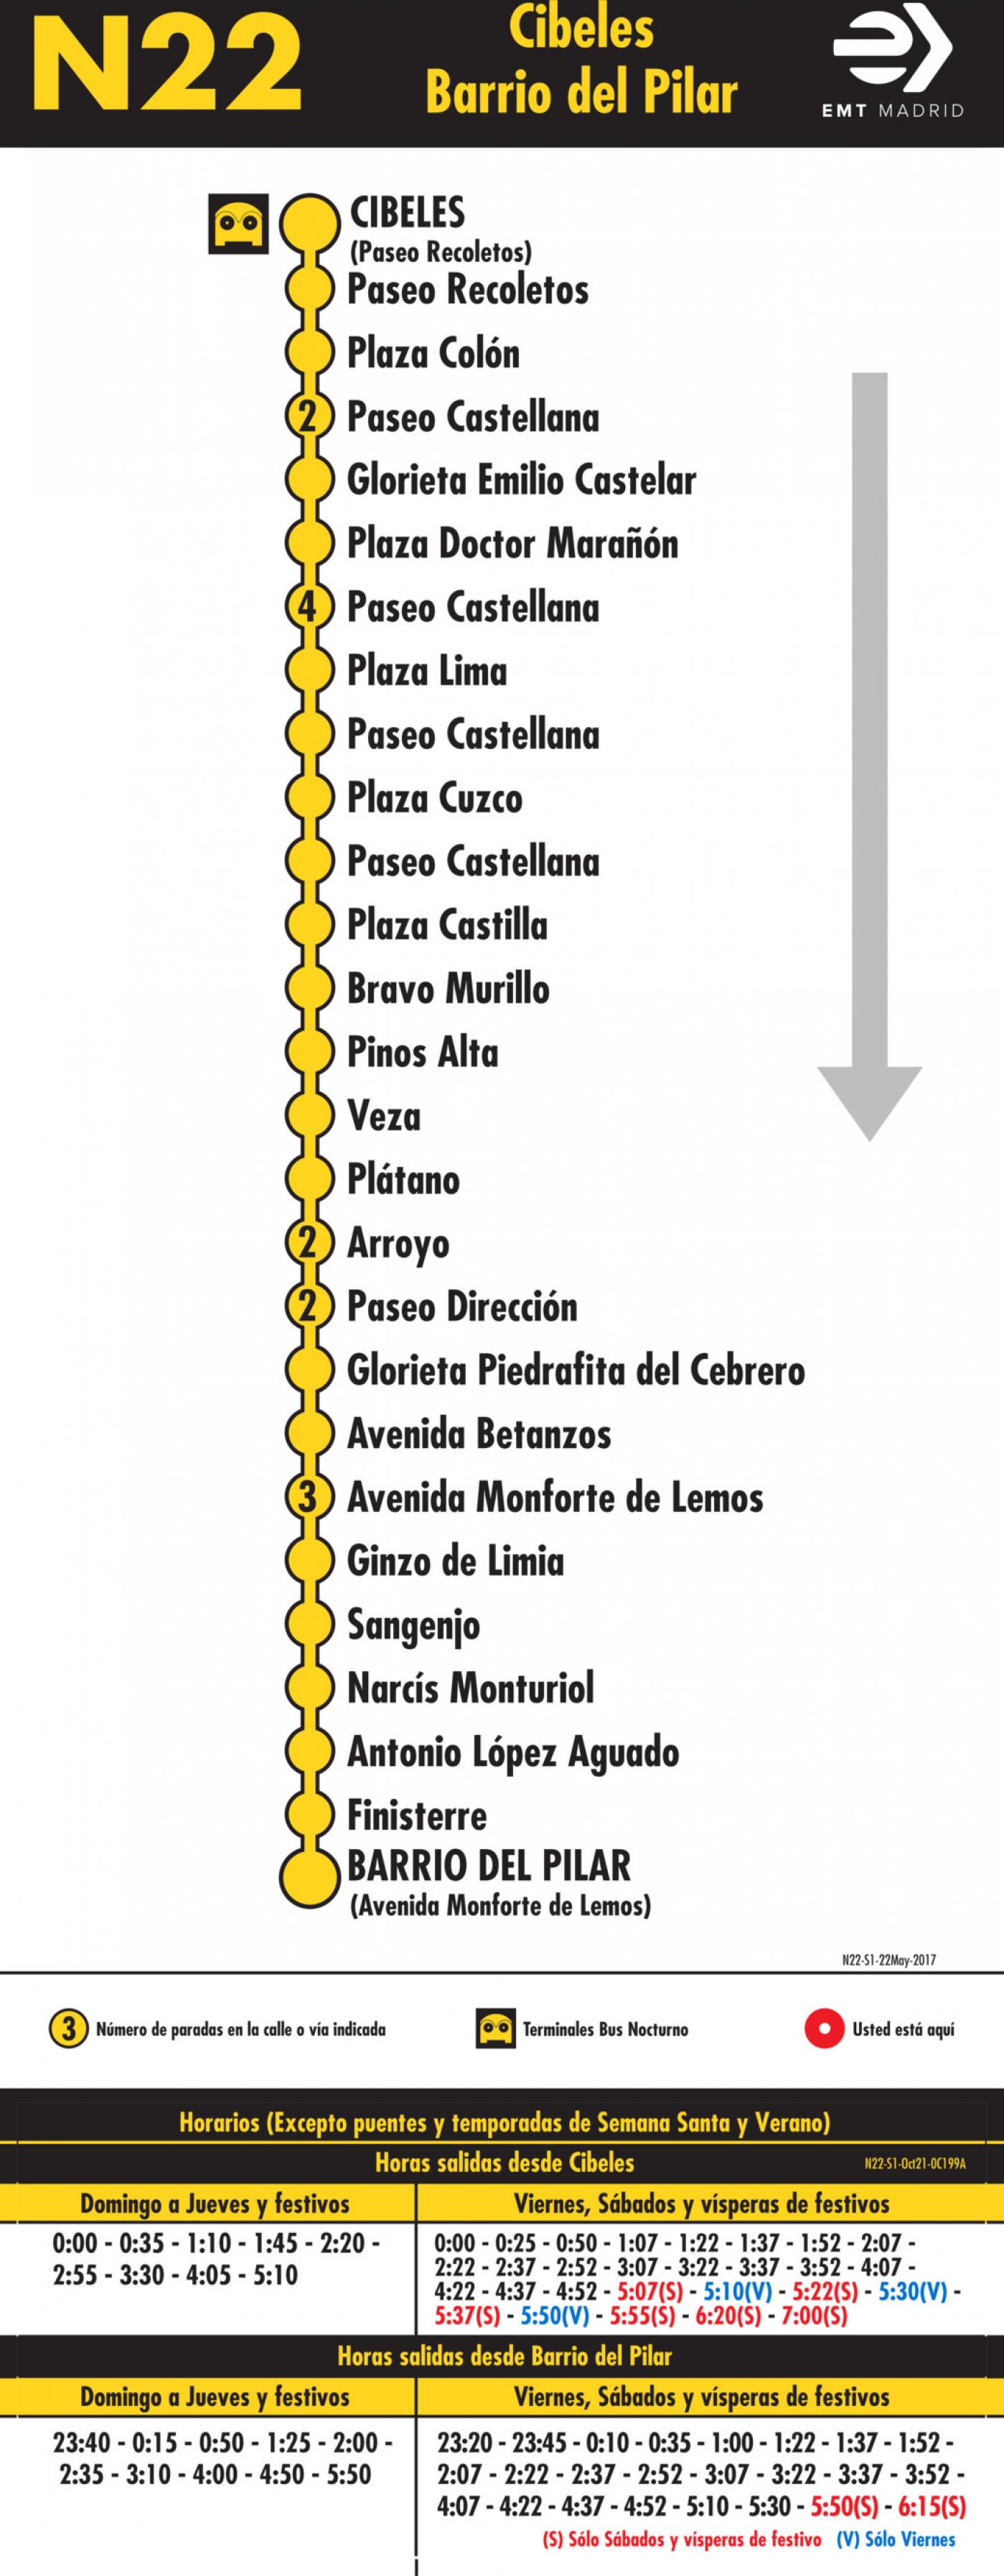 Tabla de horarios y frecuencias de paso en sentido ida Línea N22: Plaza de Cibeles - Barrio del Pilar (búho)